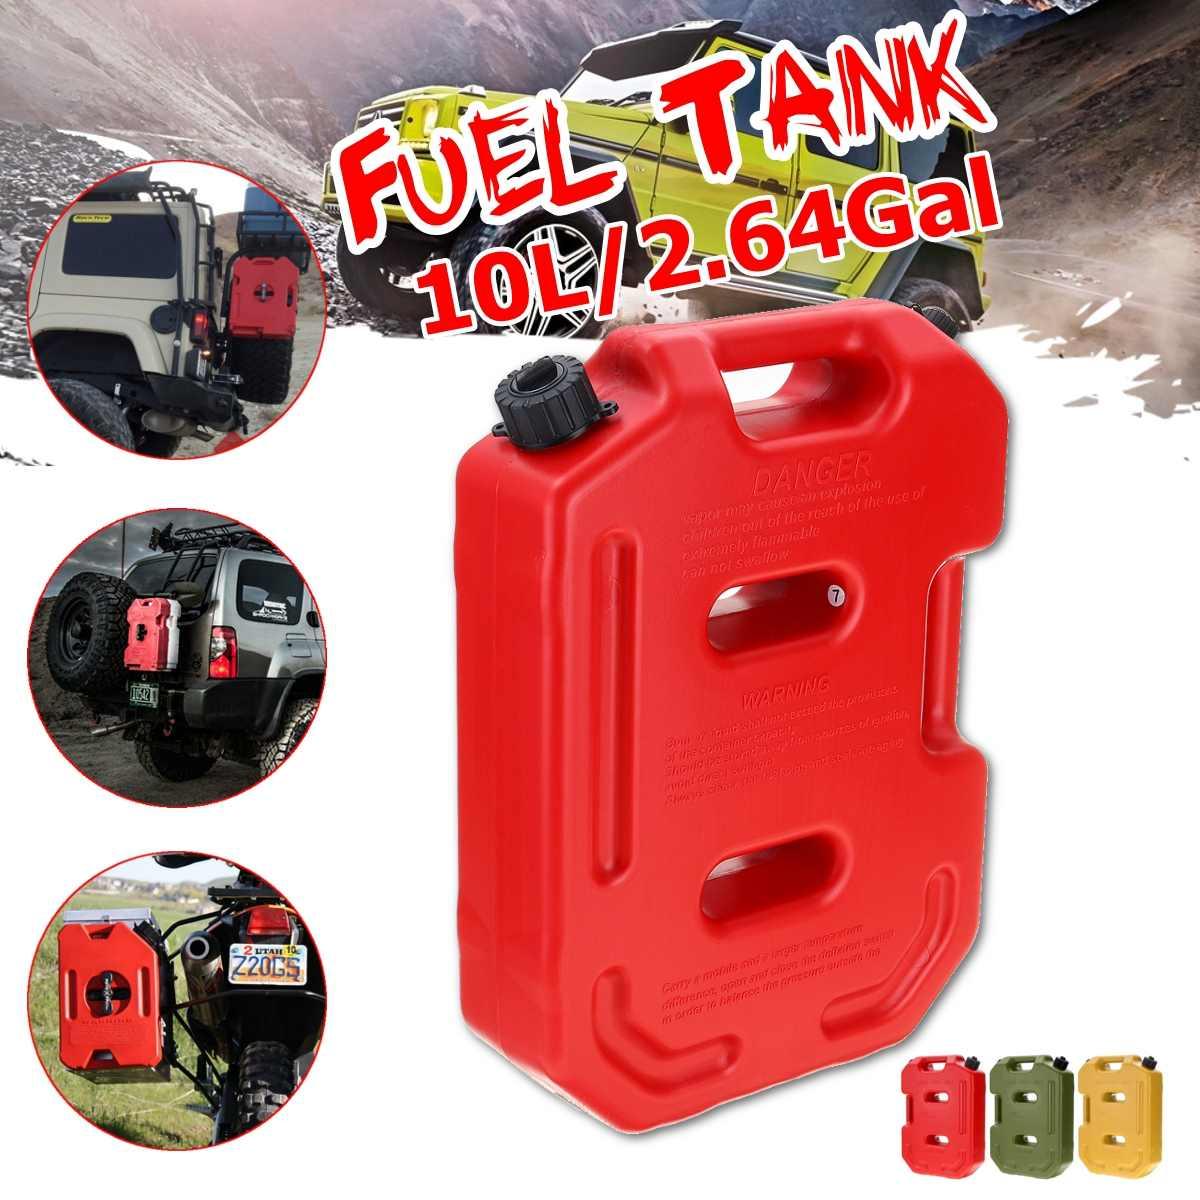 10L bidon de gaz réservoir de carburant jerrycans rouge jaune vert en plastique gaz Diesel essence huile conteneurs essence voiture de montage moto